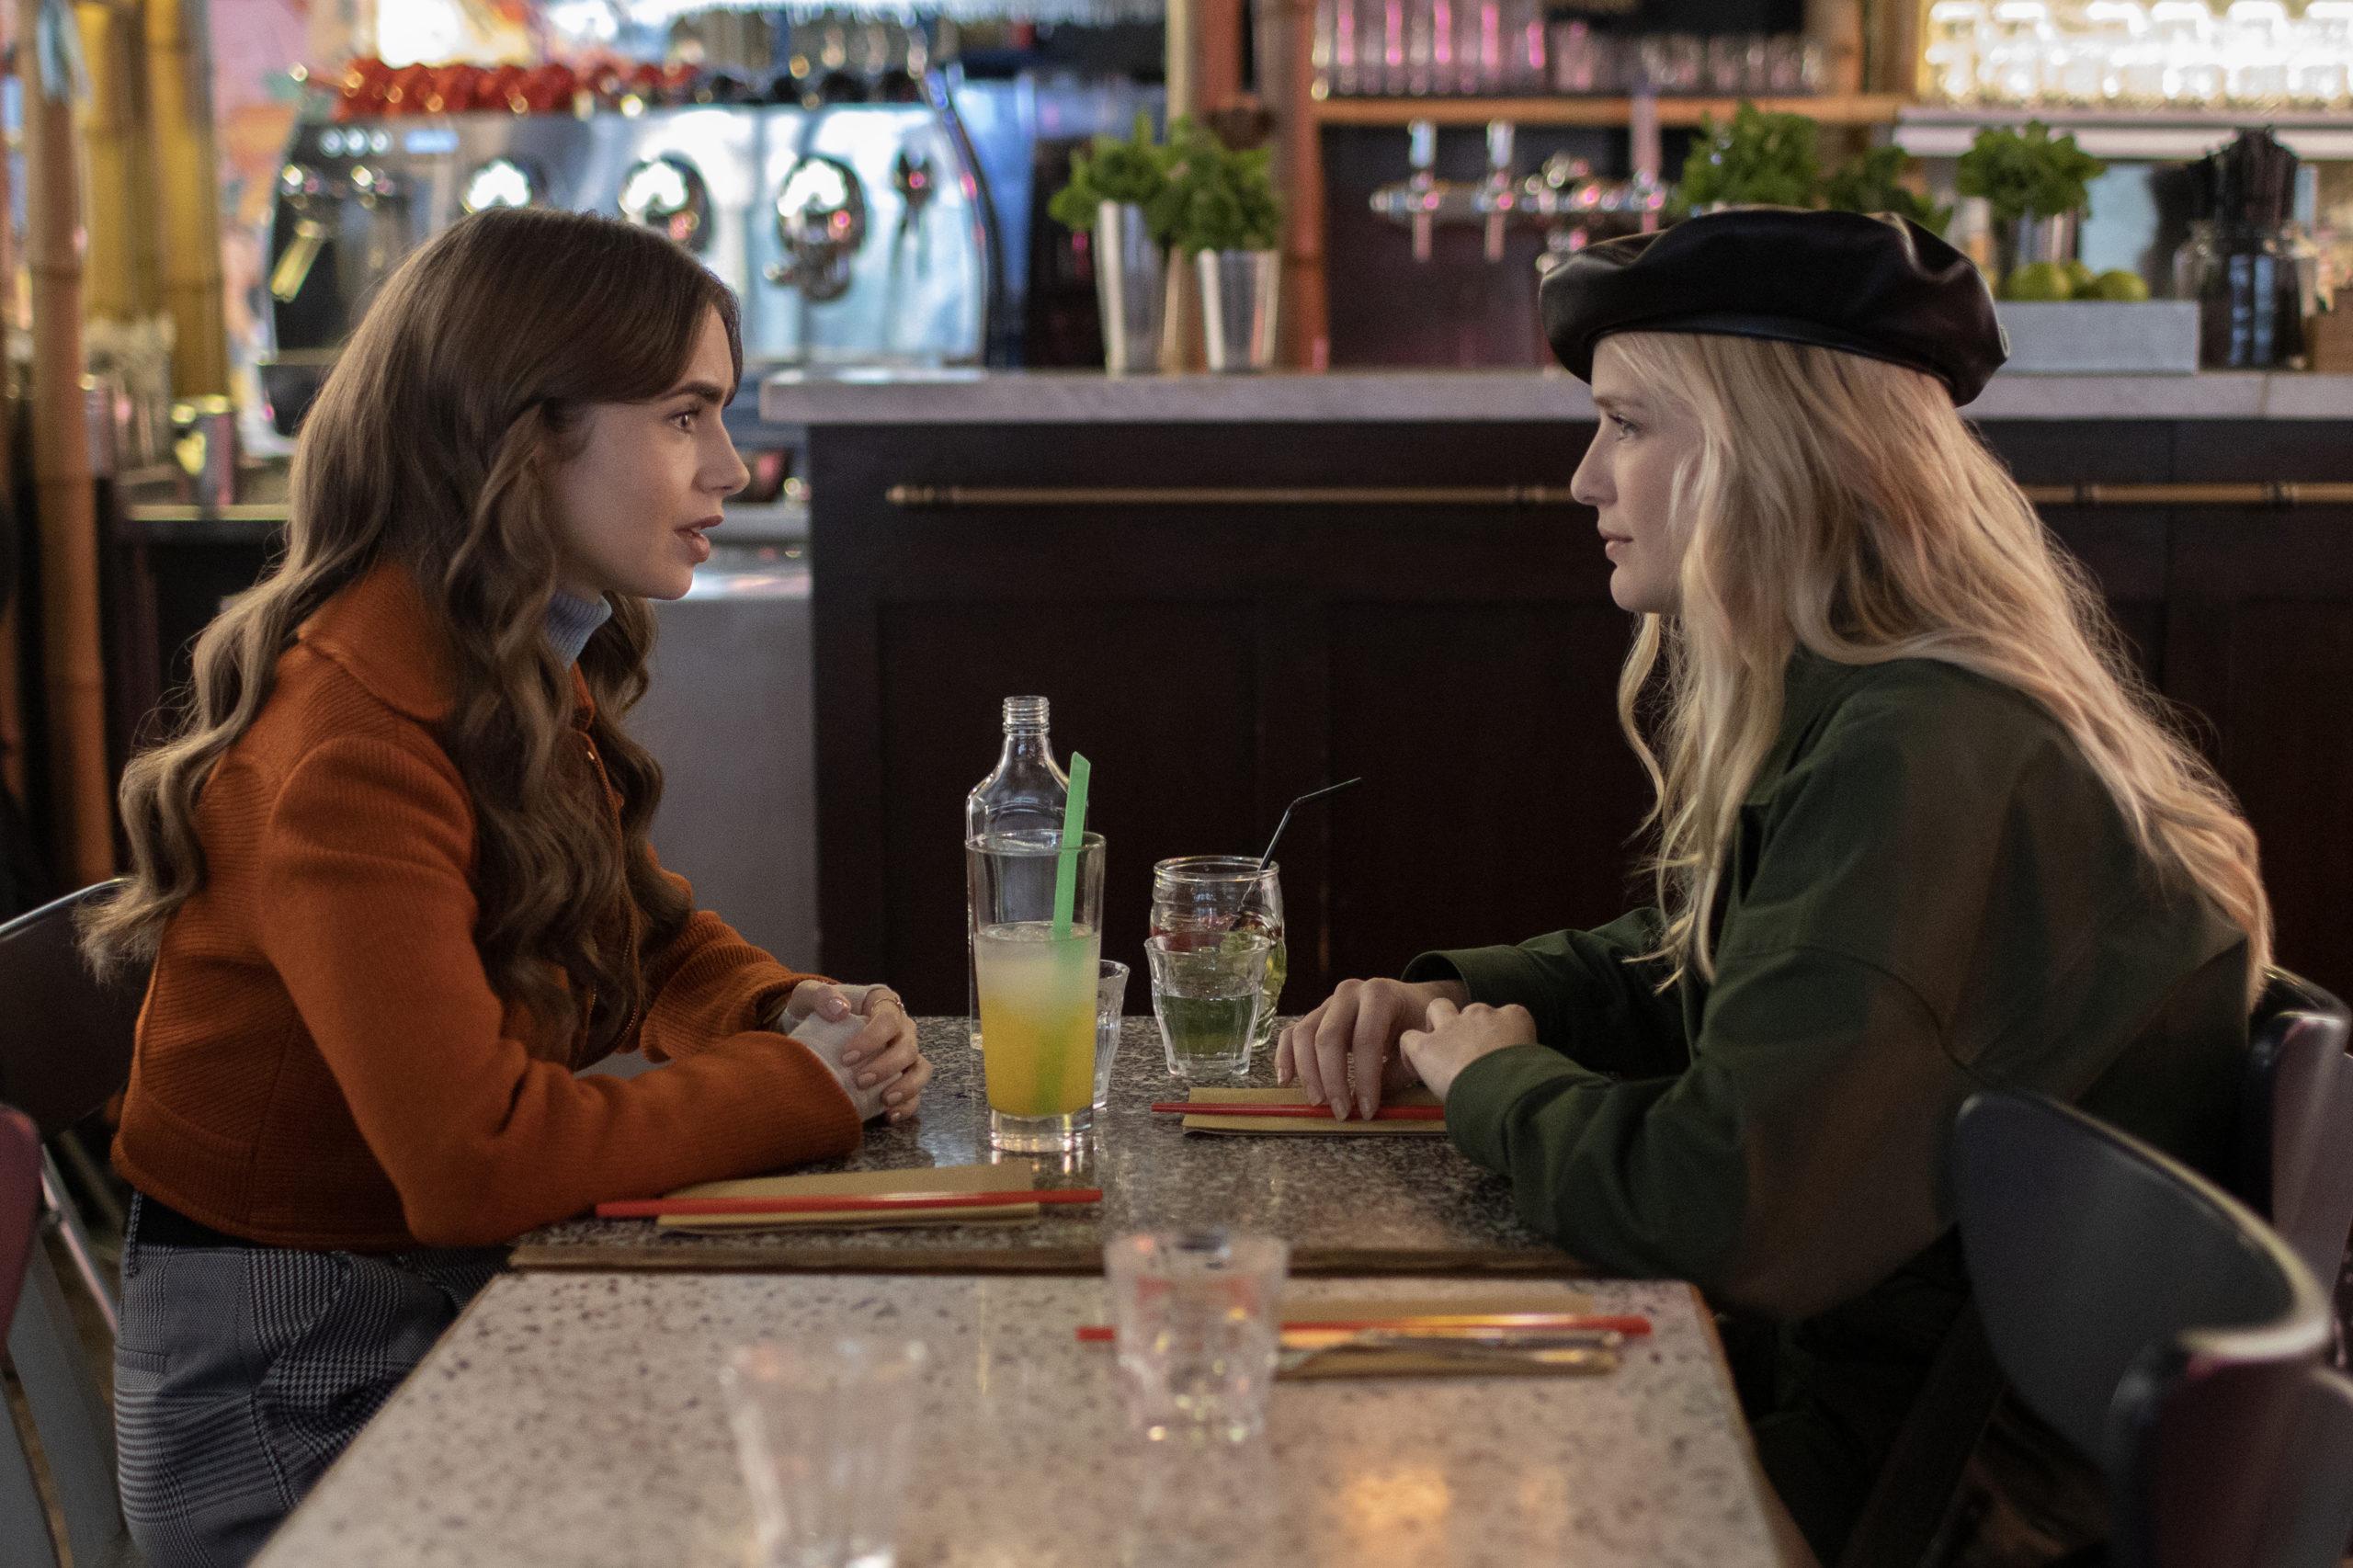 """Đừng chỉ khen nữ chính, nàng nữ phụ của """"Emily in Paris"""" mới là quý cô chuẩn phong cách Pháp thanh lịch từ trong phim lẫn ngoài đời - Ảnh 8."""